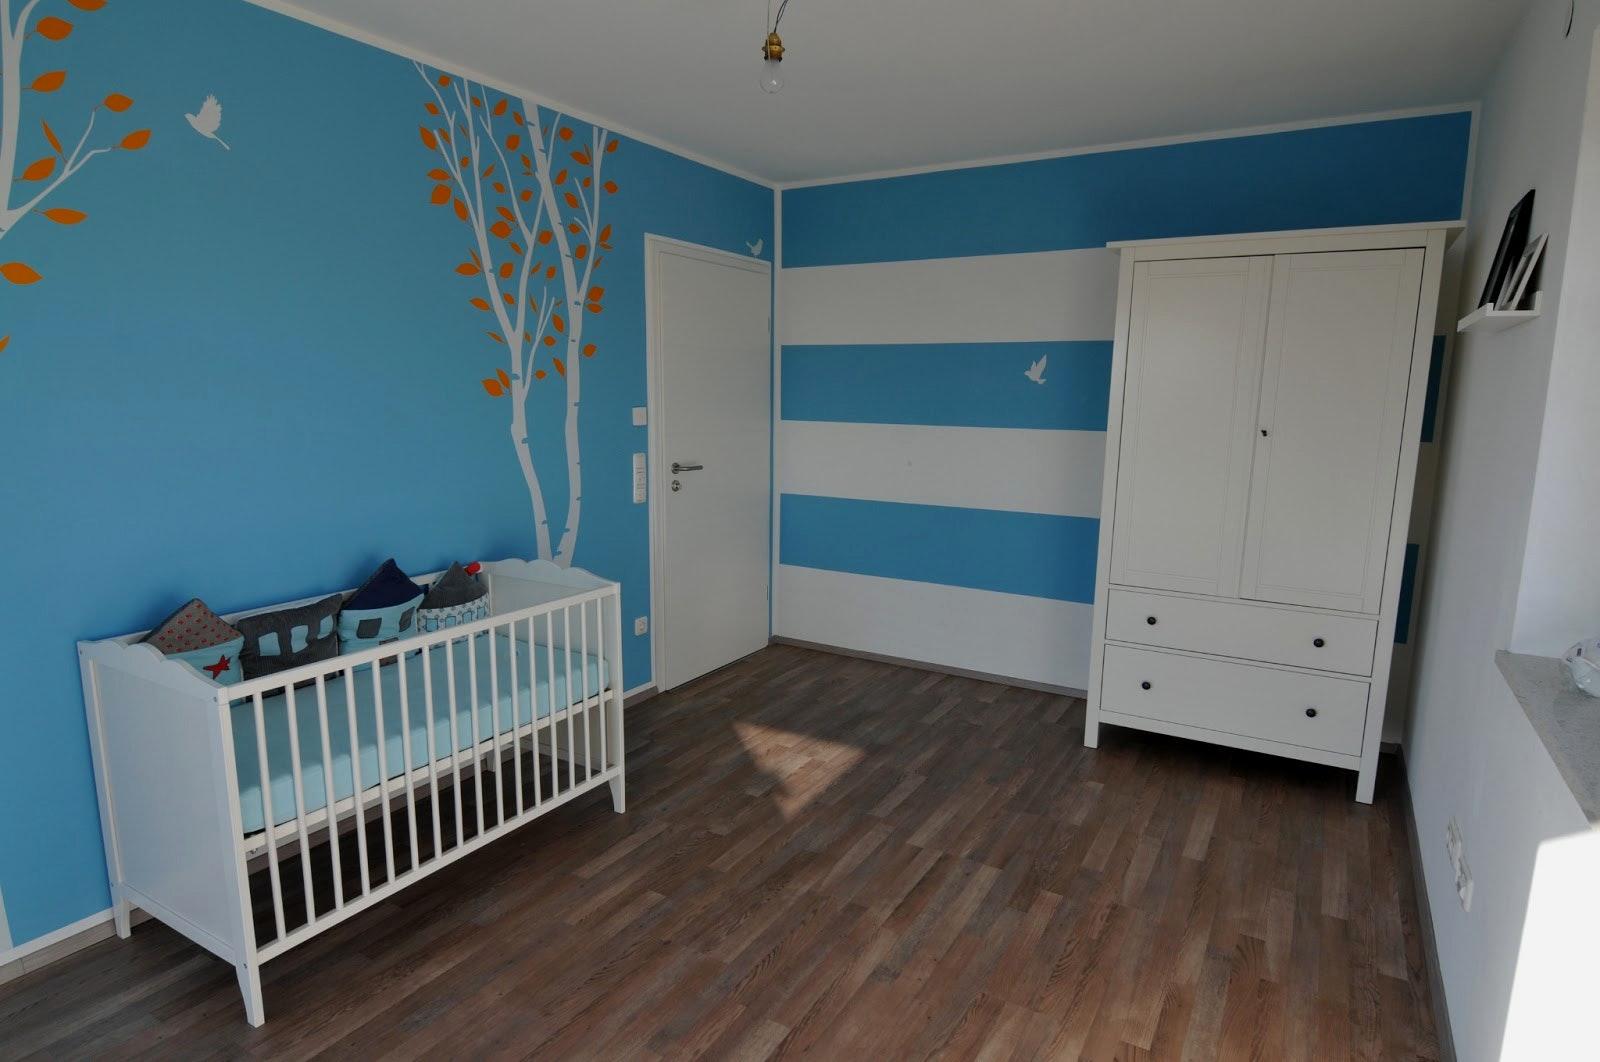 Kinderzimmer Junge Baby Großartig On Andere Auf Haus Möbel Babyzimmer Jungen Muster 7